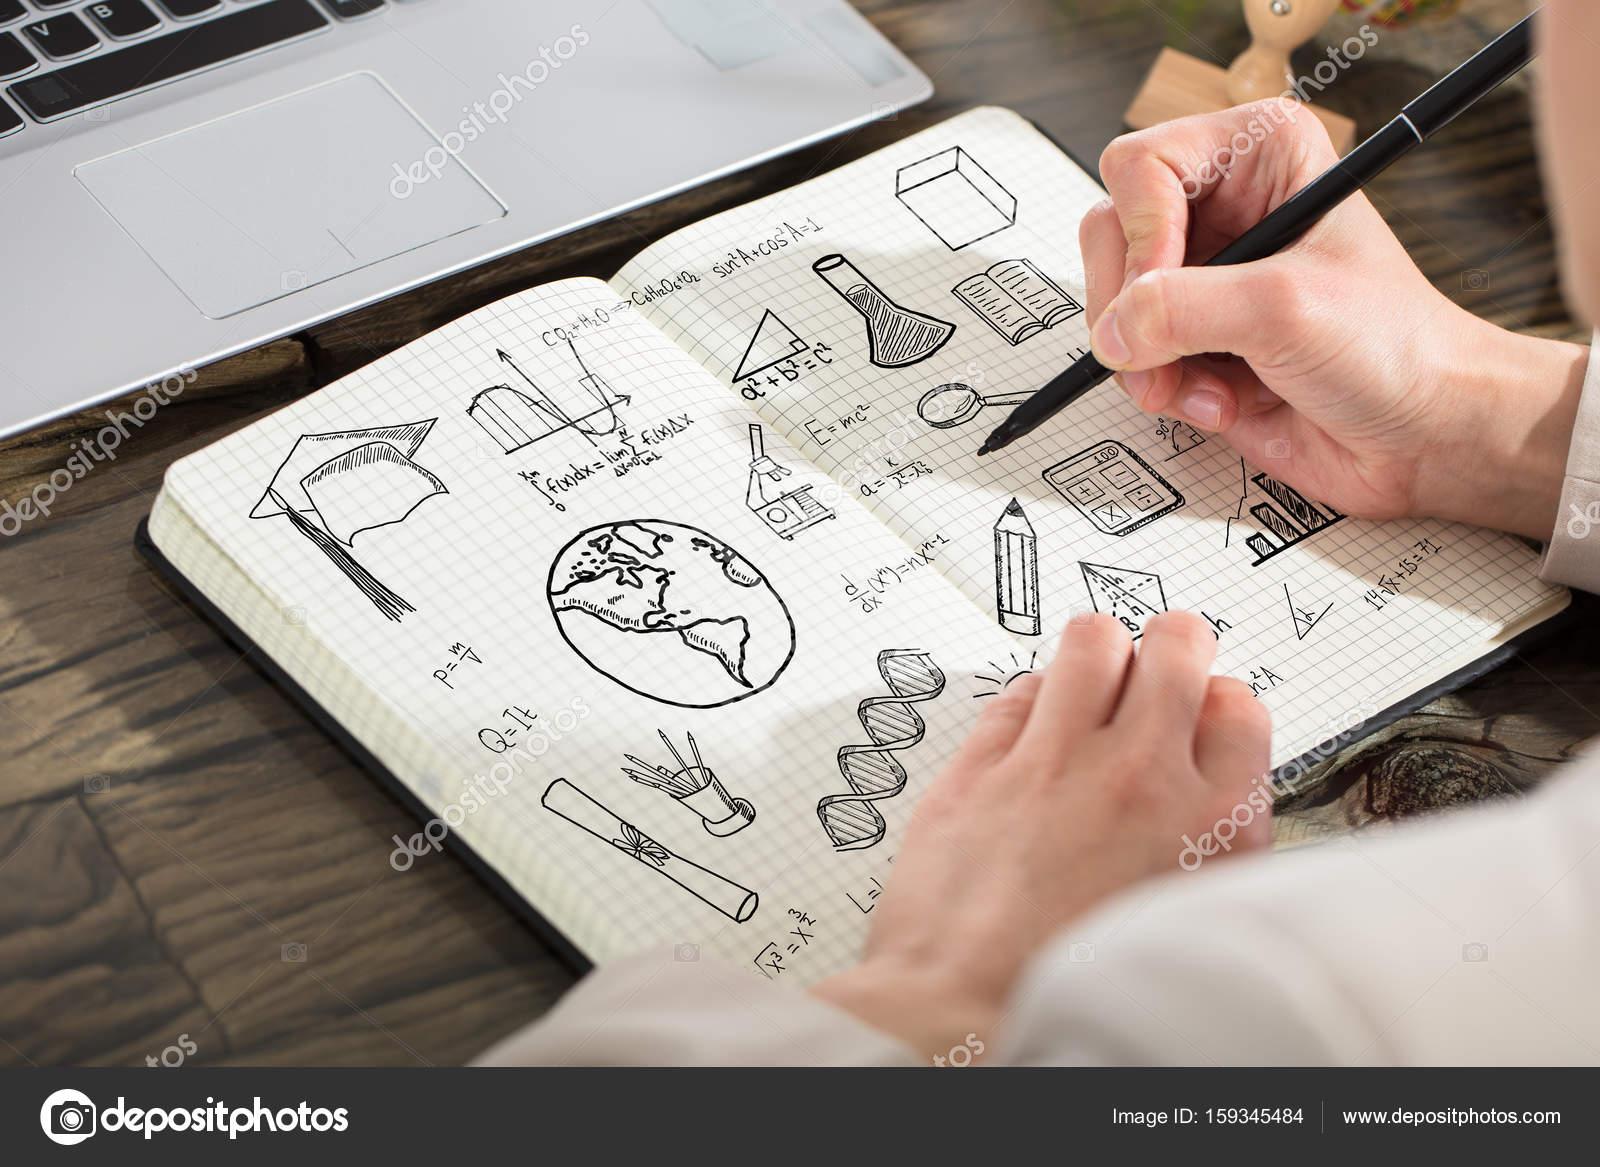 Person Zeichnung pädagogische Elemente In Notebook — Stockfoto ...